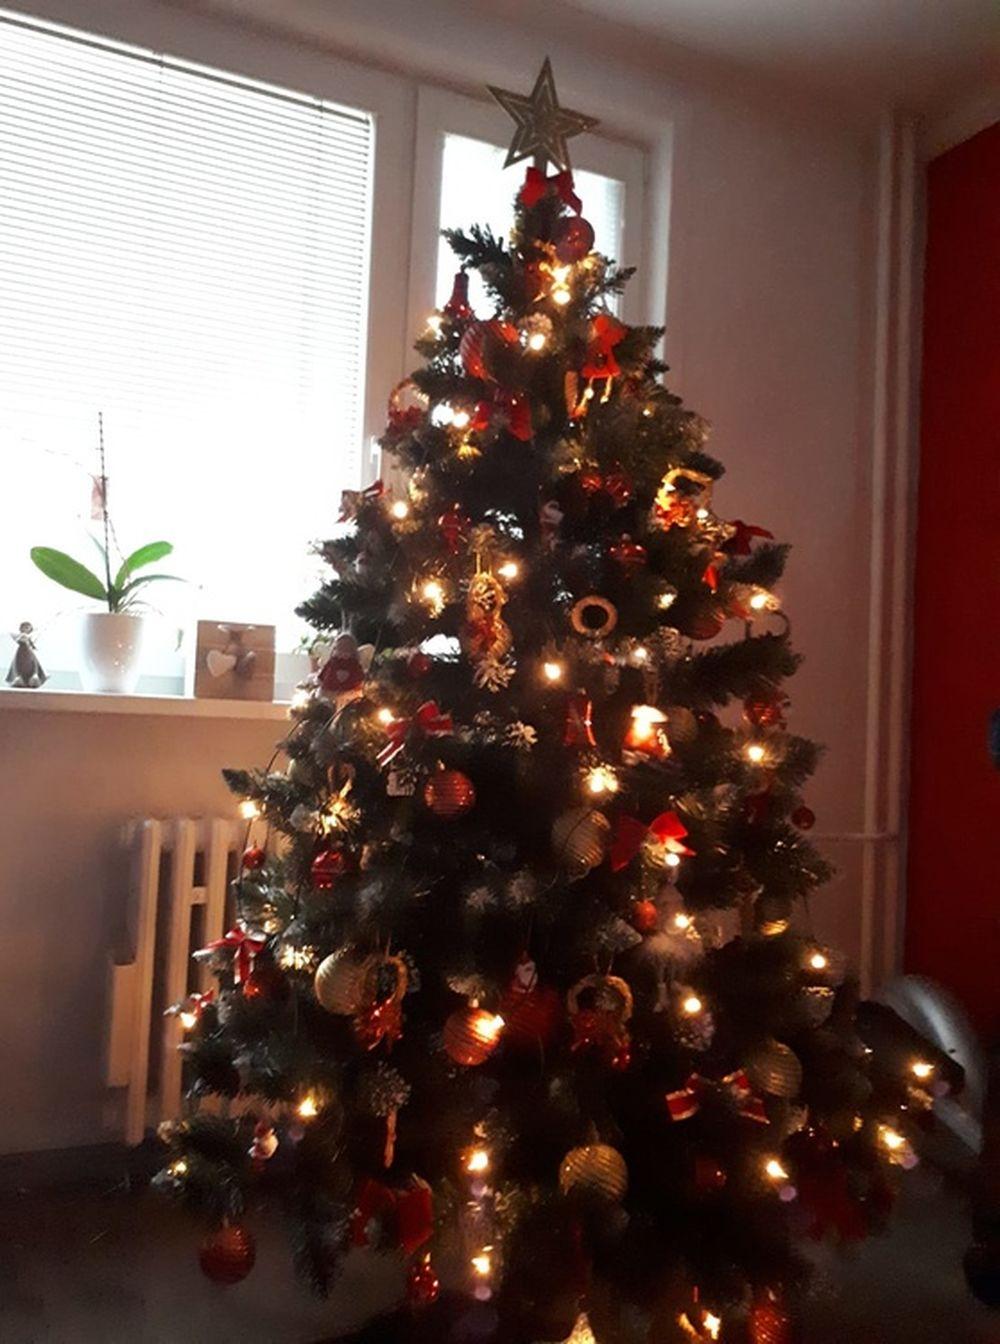 FOTO: Vianočné stromčeky v Žiline - výber fotografií našich čitateľov, foto 23